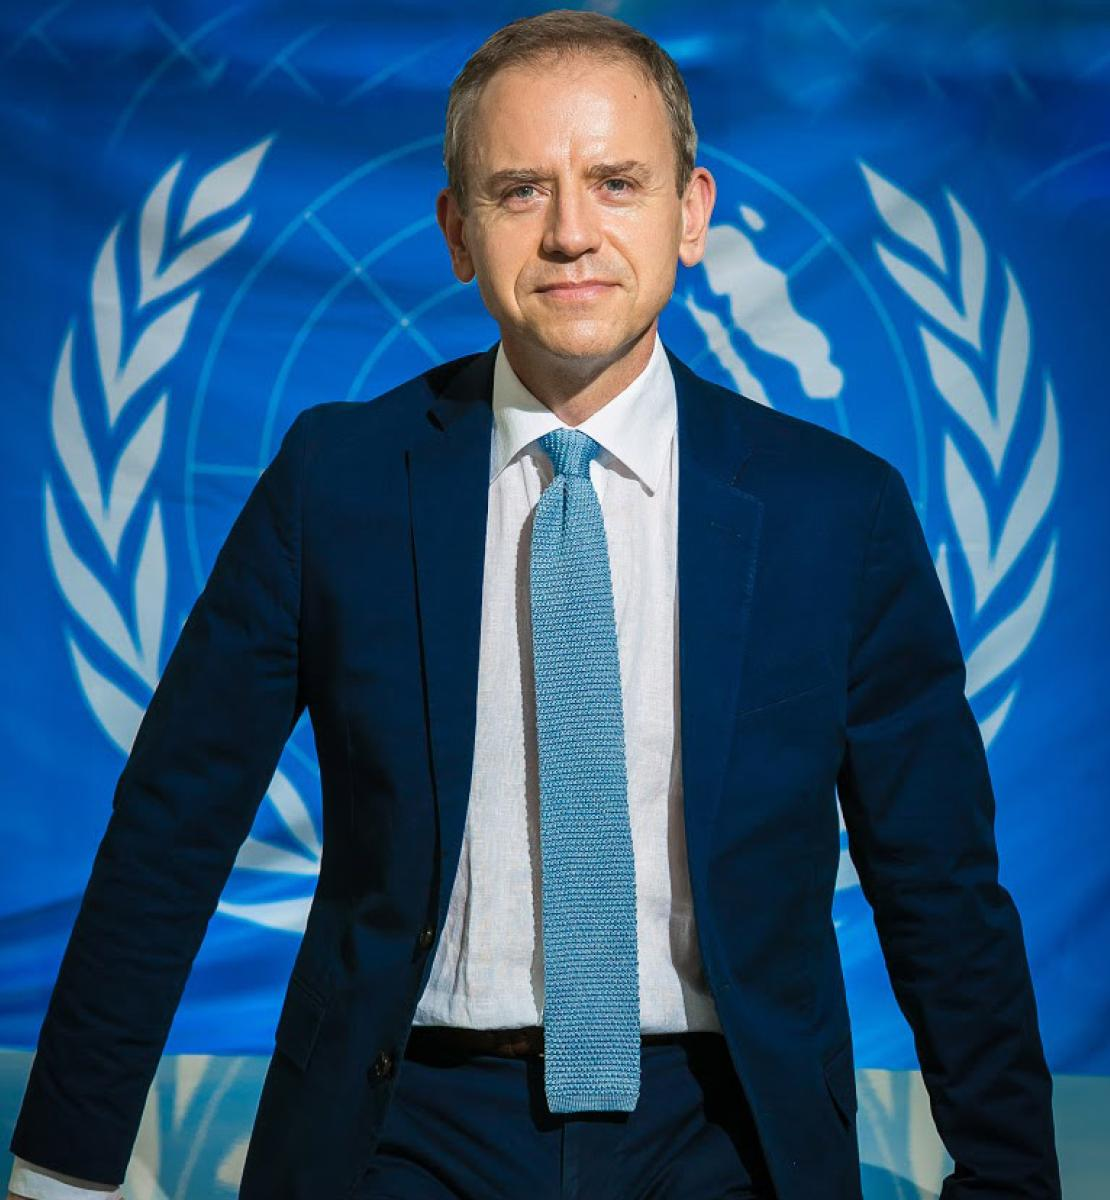 Photo officielle de Stephen Jackson, le nouveau Coordonnateur résident au Kenya.